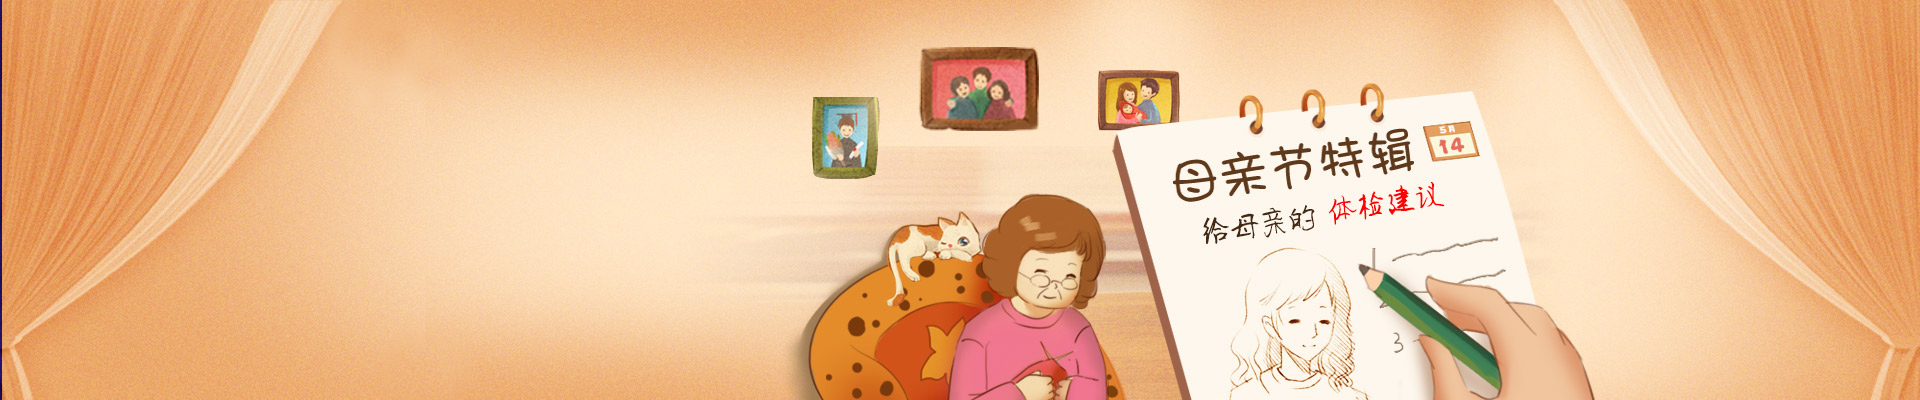 母亲节专题:关爱母亲,关注中老年健康